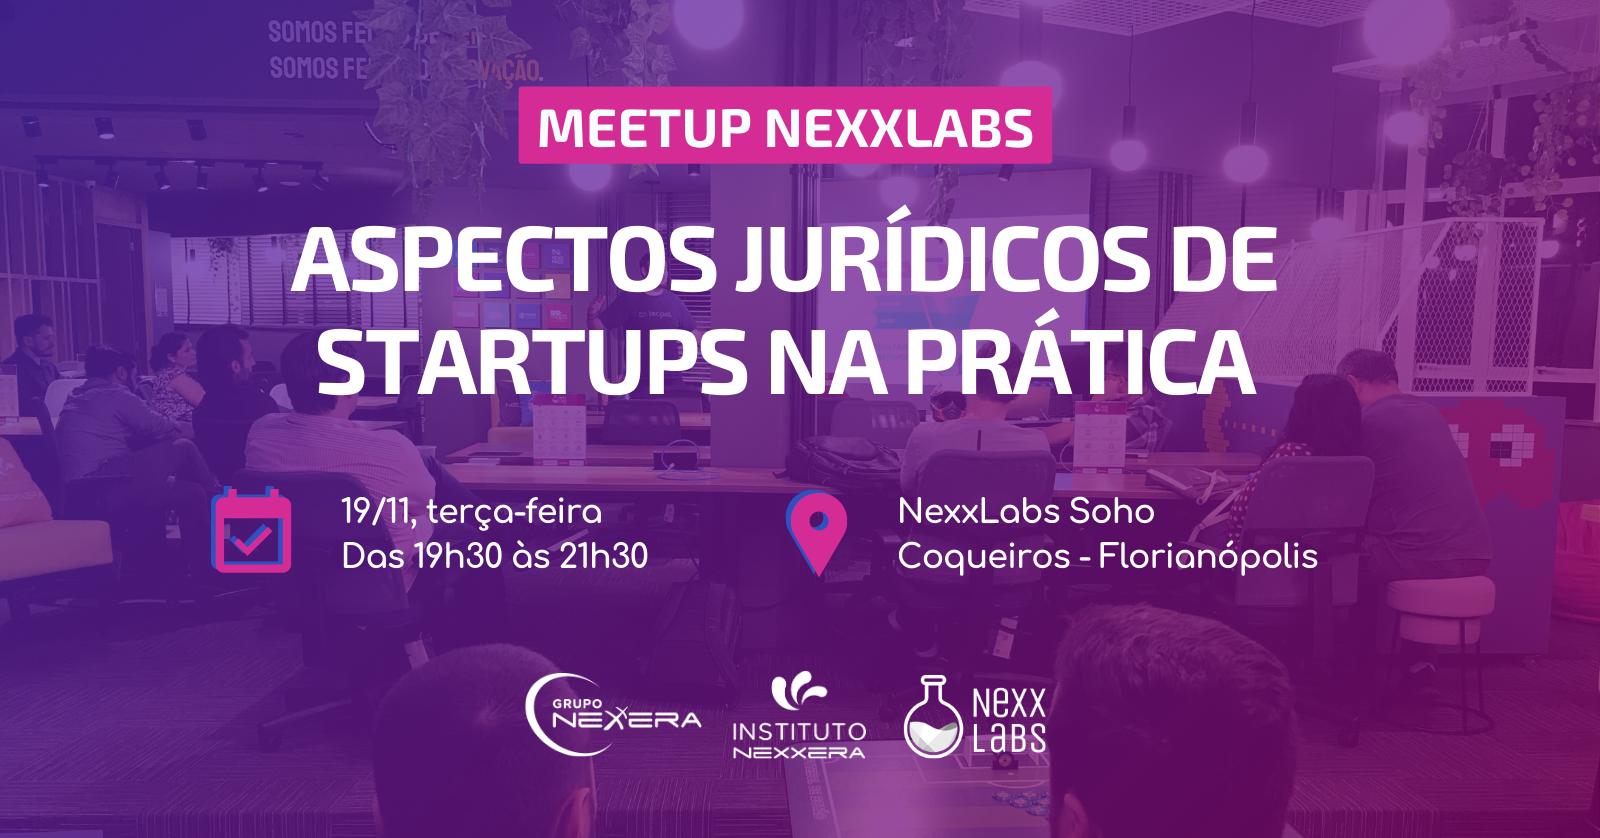 Resultado de imagem para Meetup NexxLabs - Aspectos jurídicos de startups na prática